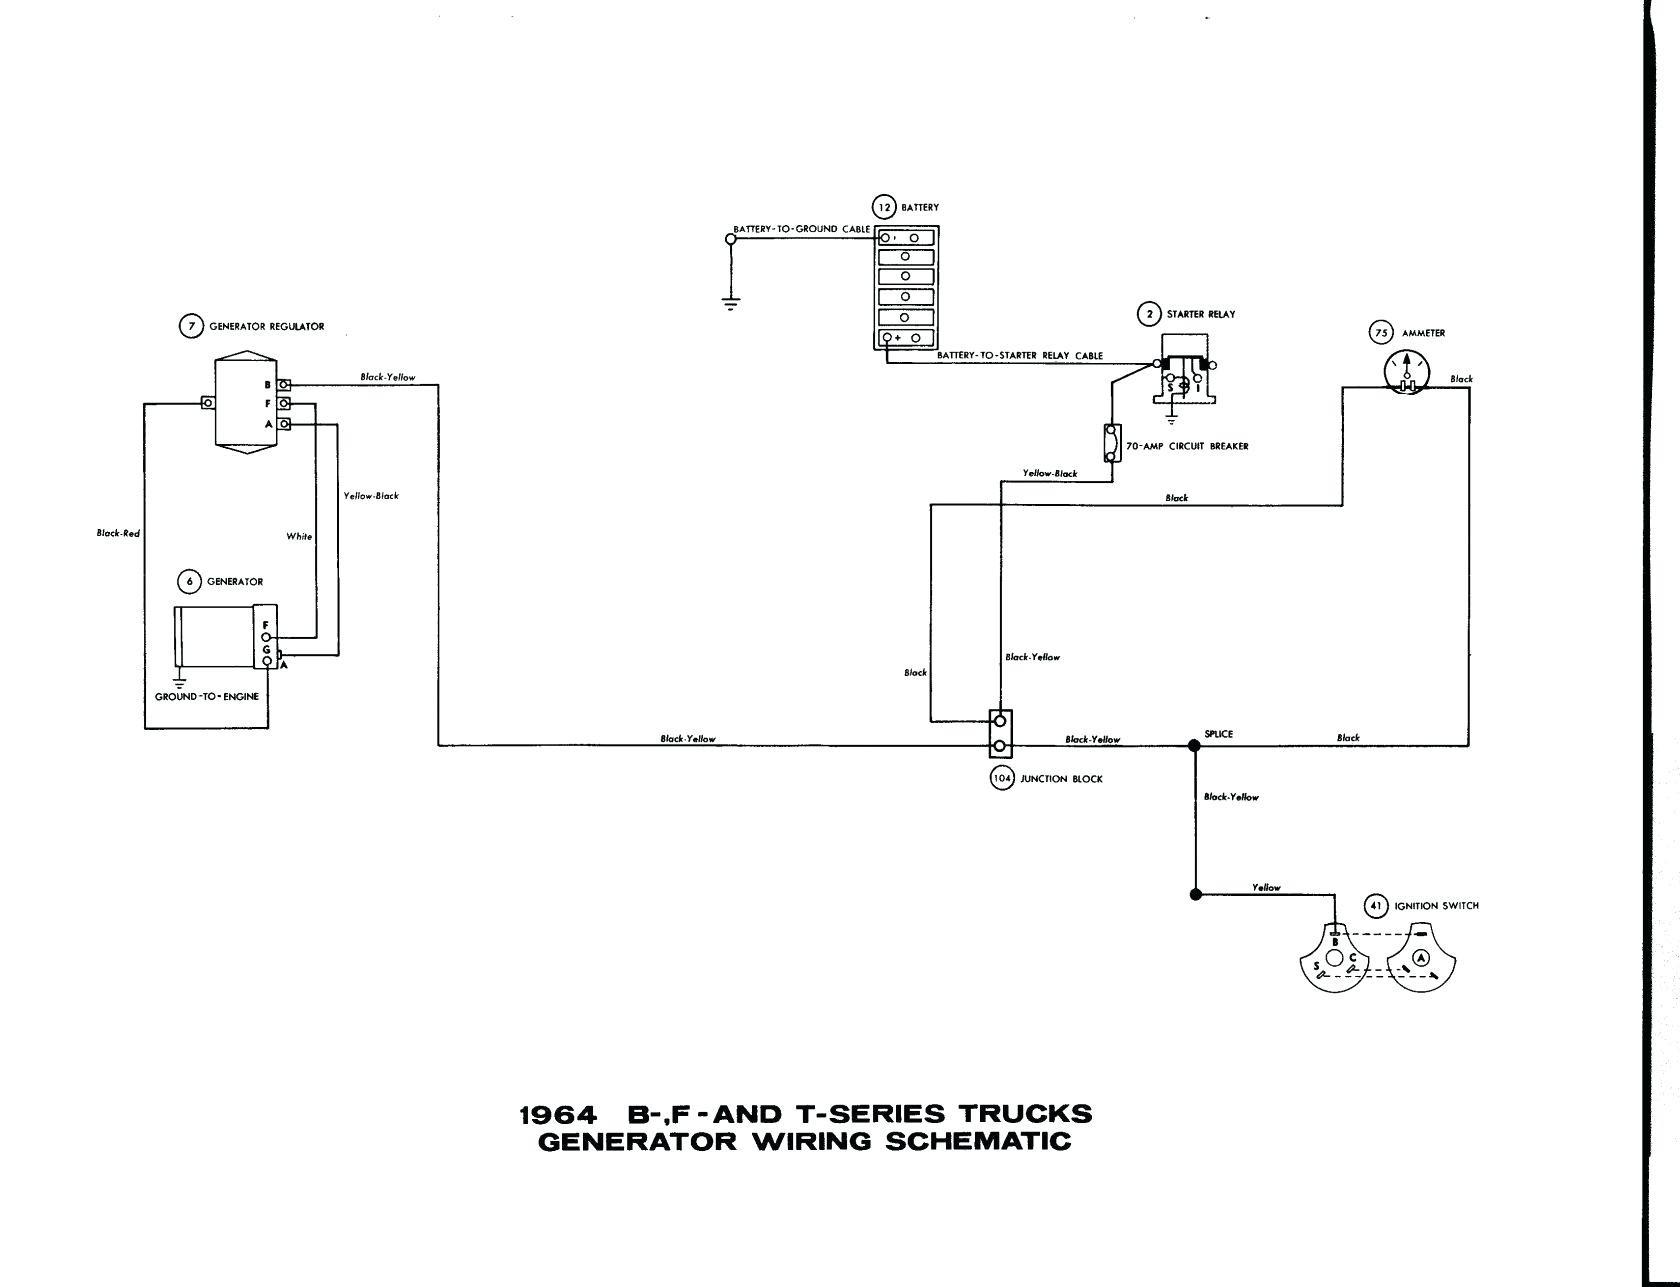 hight resolution of 12v solenoid wiring ford 391 wiring diagram home12v solenoid wiring ford 391 wiring diagram 12v solenoid